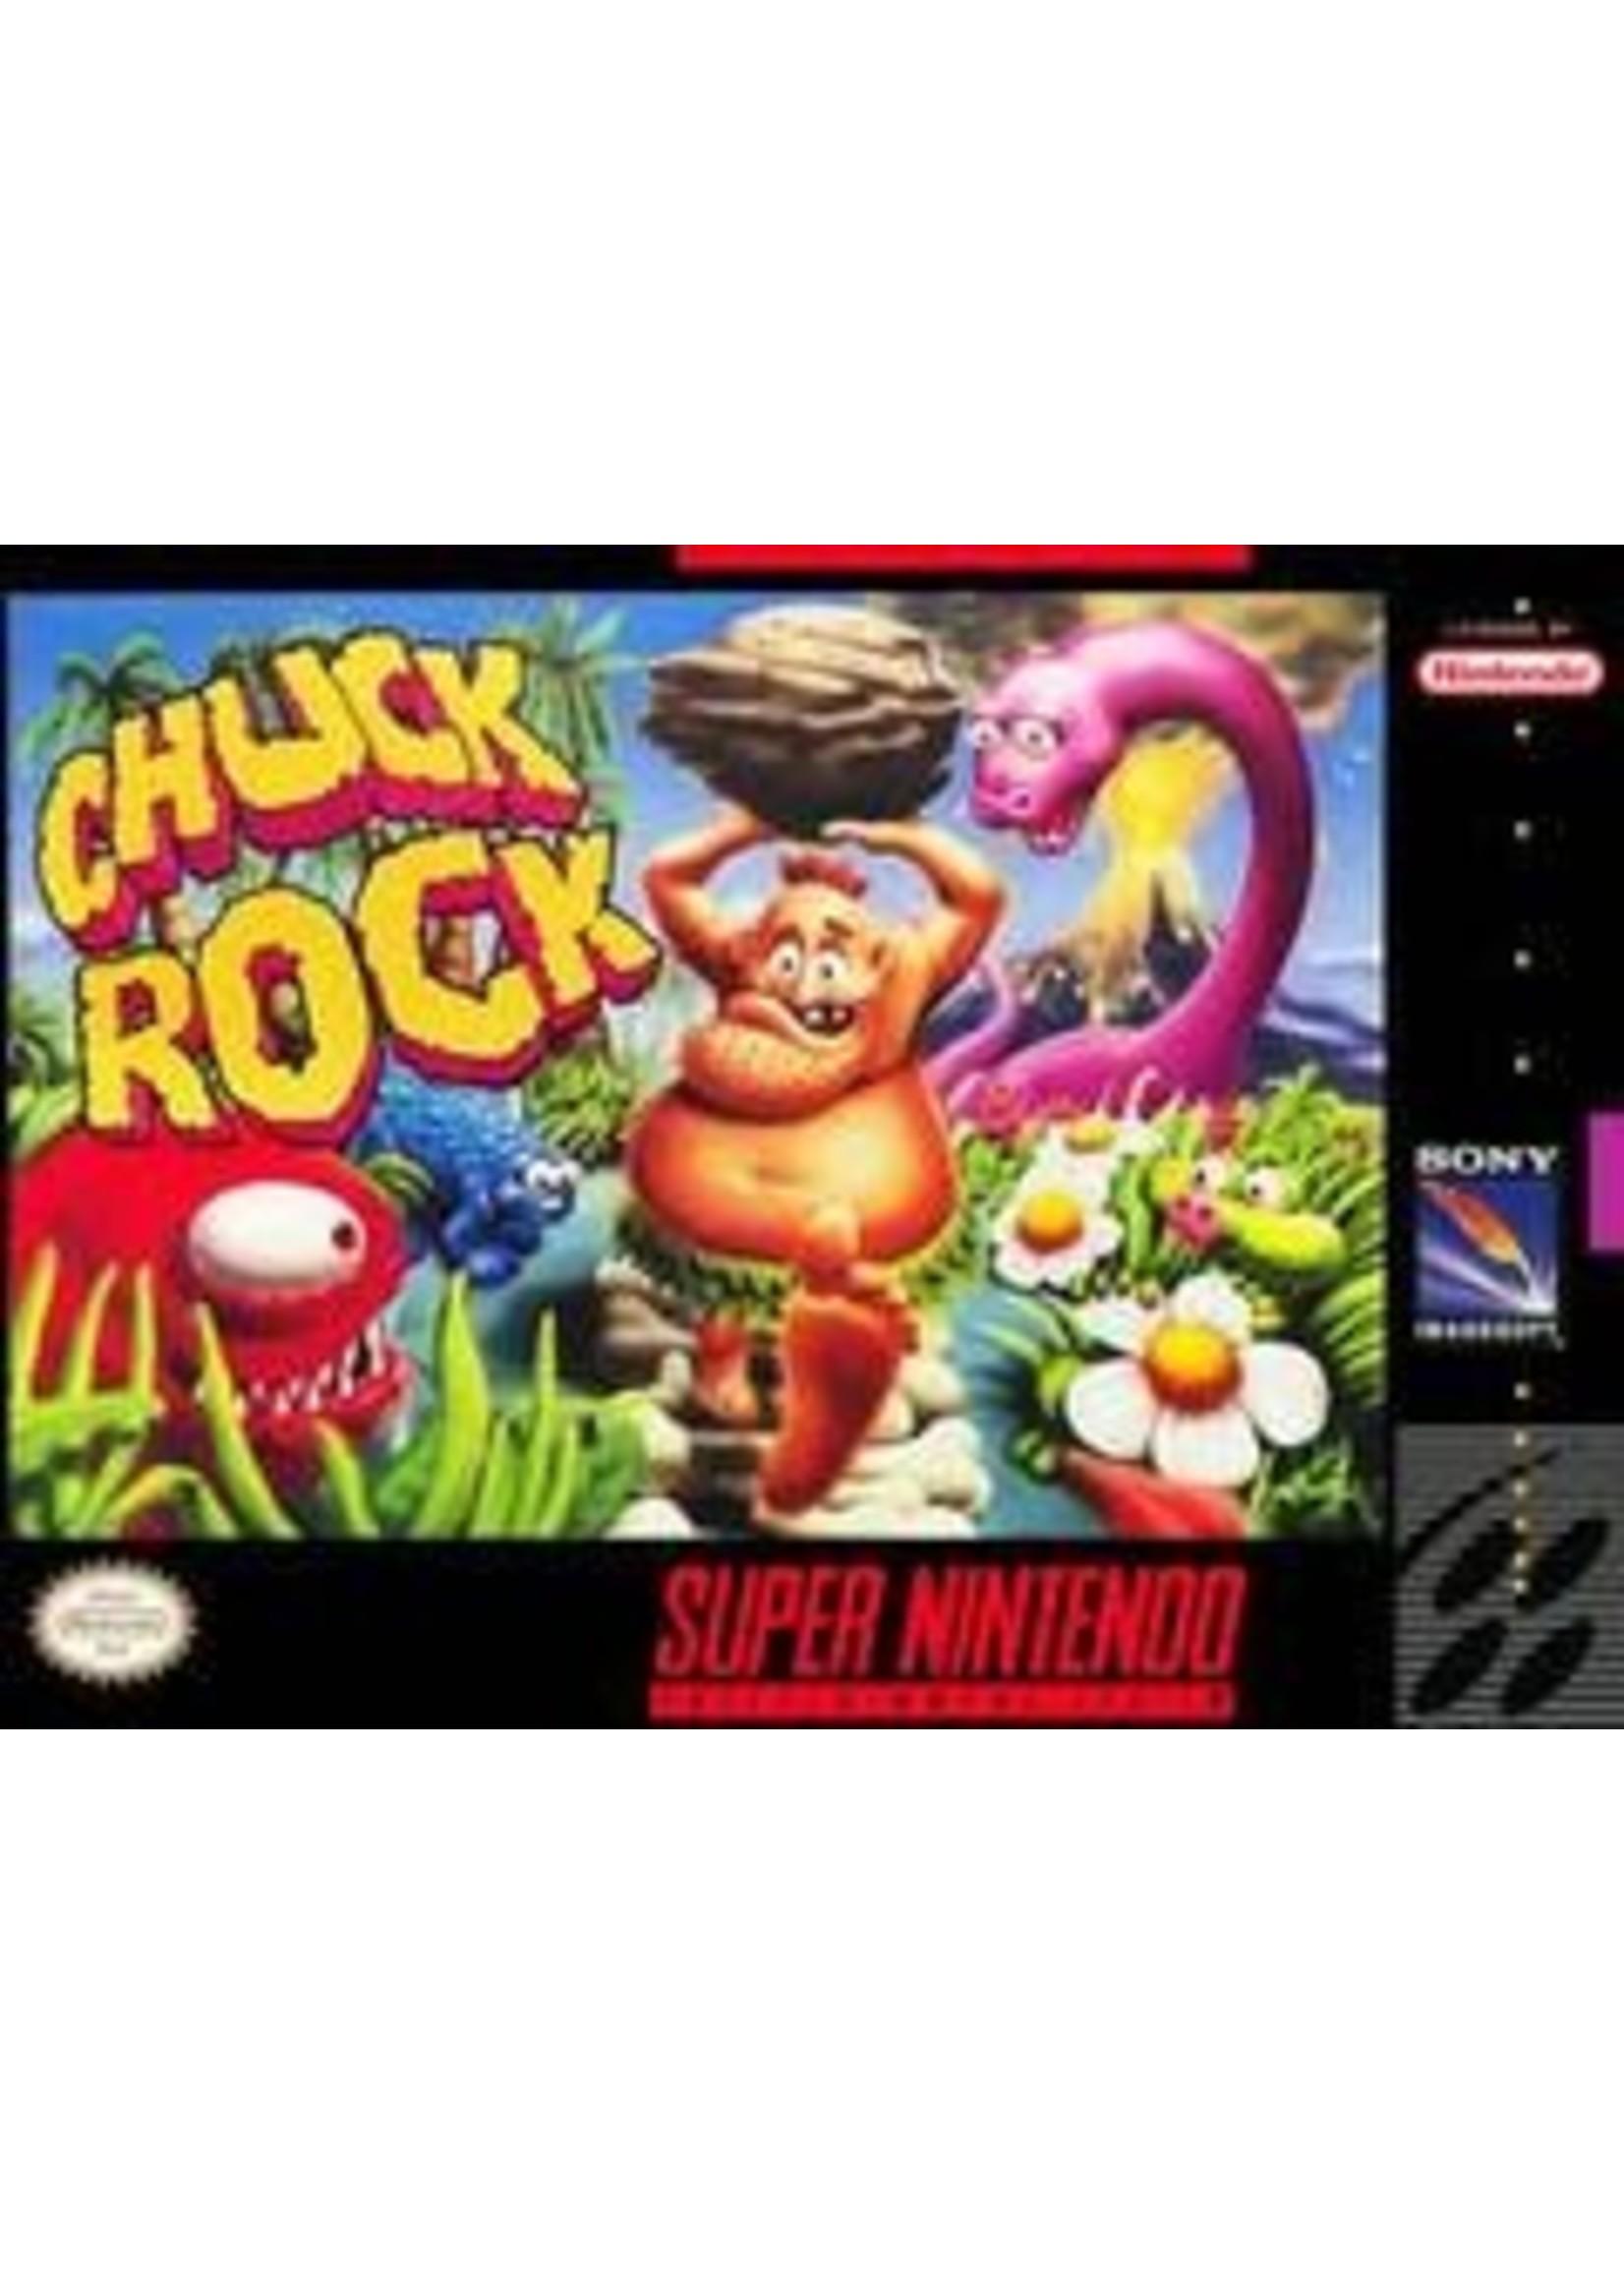 Chuck Rock Super Nintendo